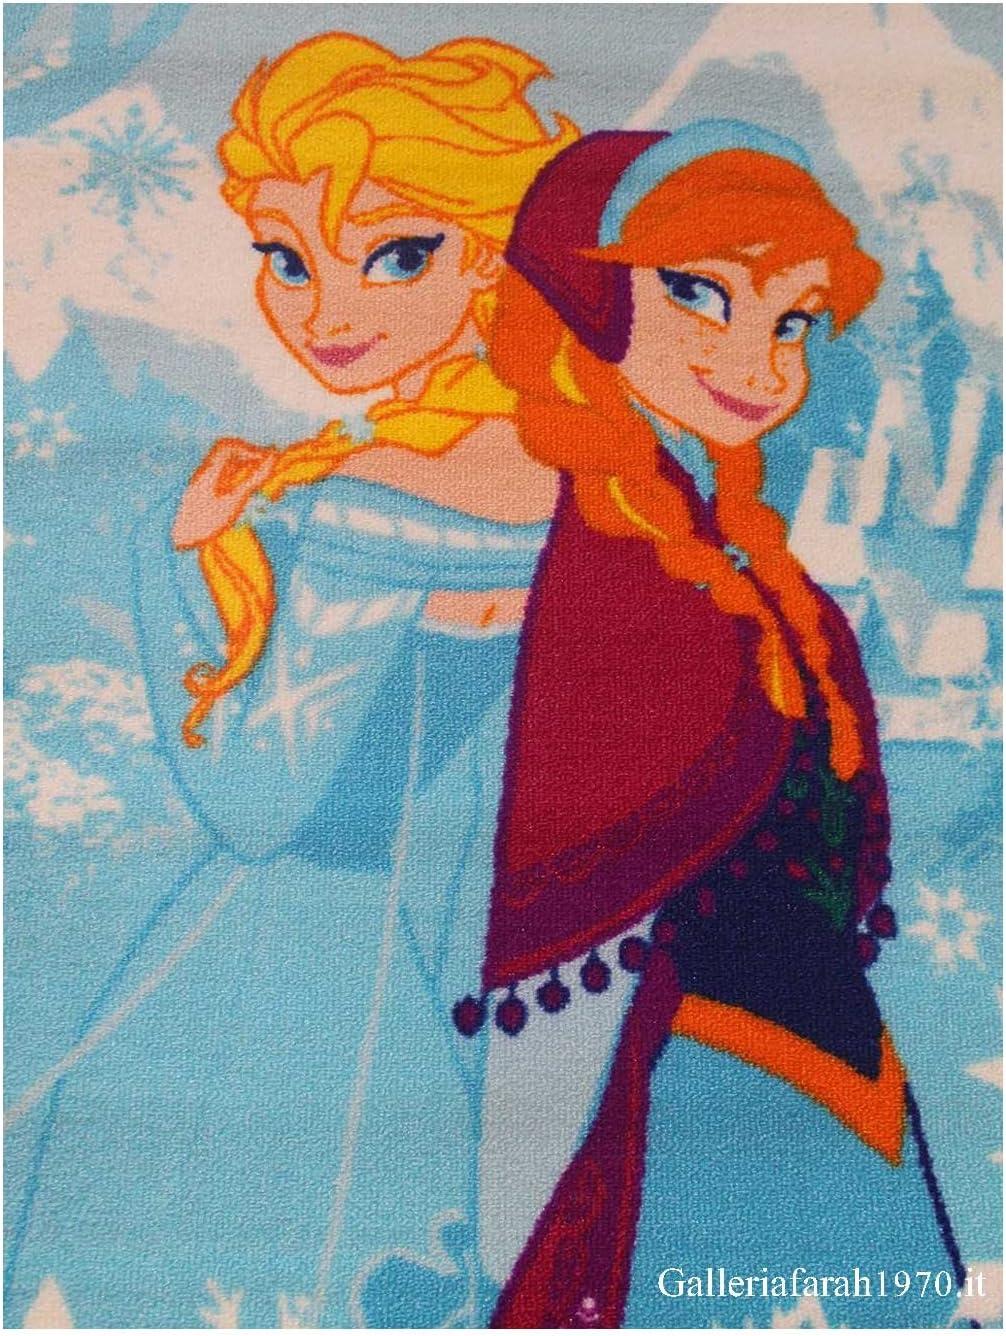 """Nylon Disney-Motiv /""""Frozen mehrfarbig language/_tag - En/_gb Die Eisk/önigin/"""" mit Anna und Elsa 80 x 140 Map Lord of Rugs Matrix-Teppich f/ür Kinder"""